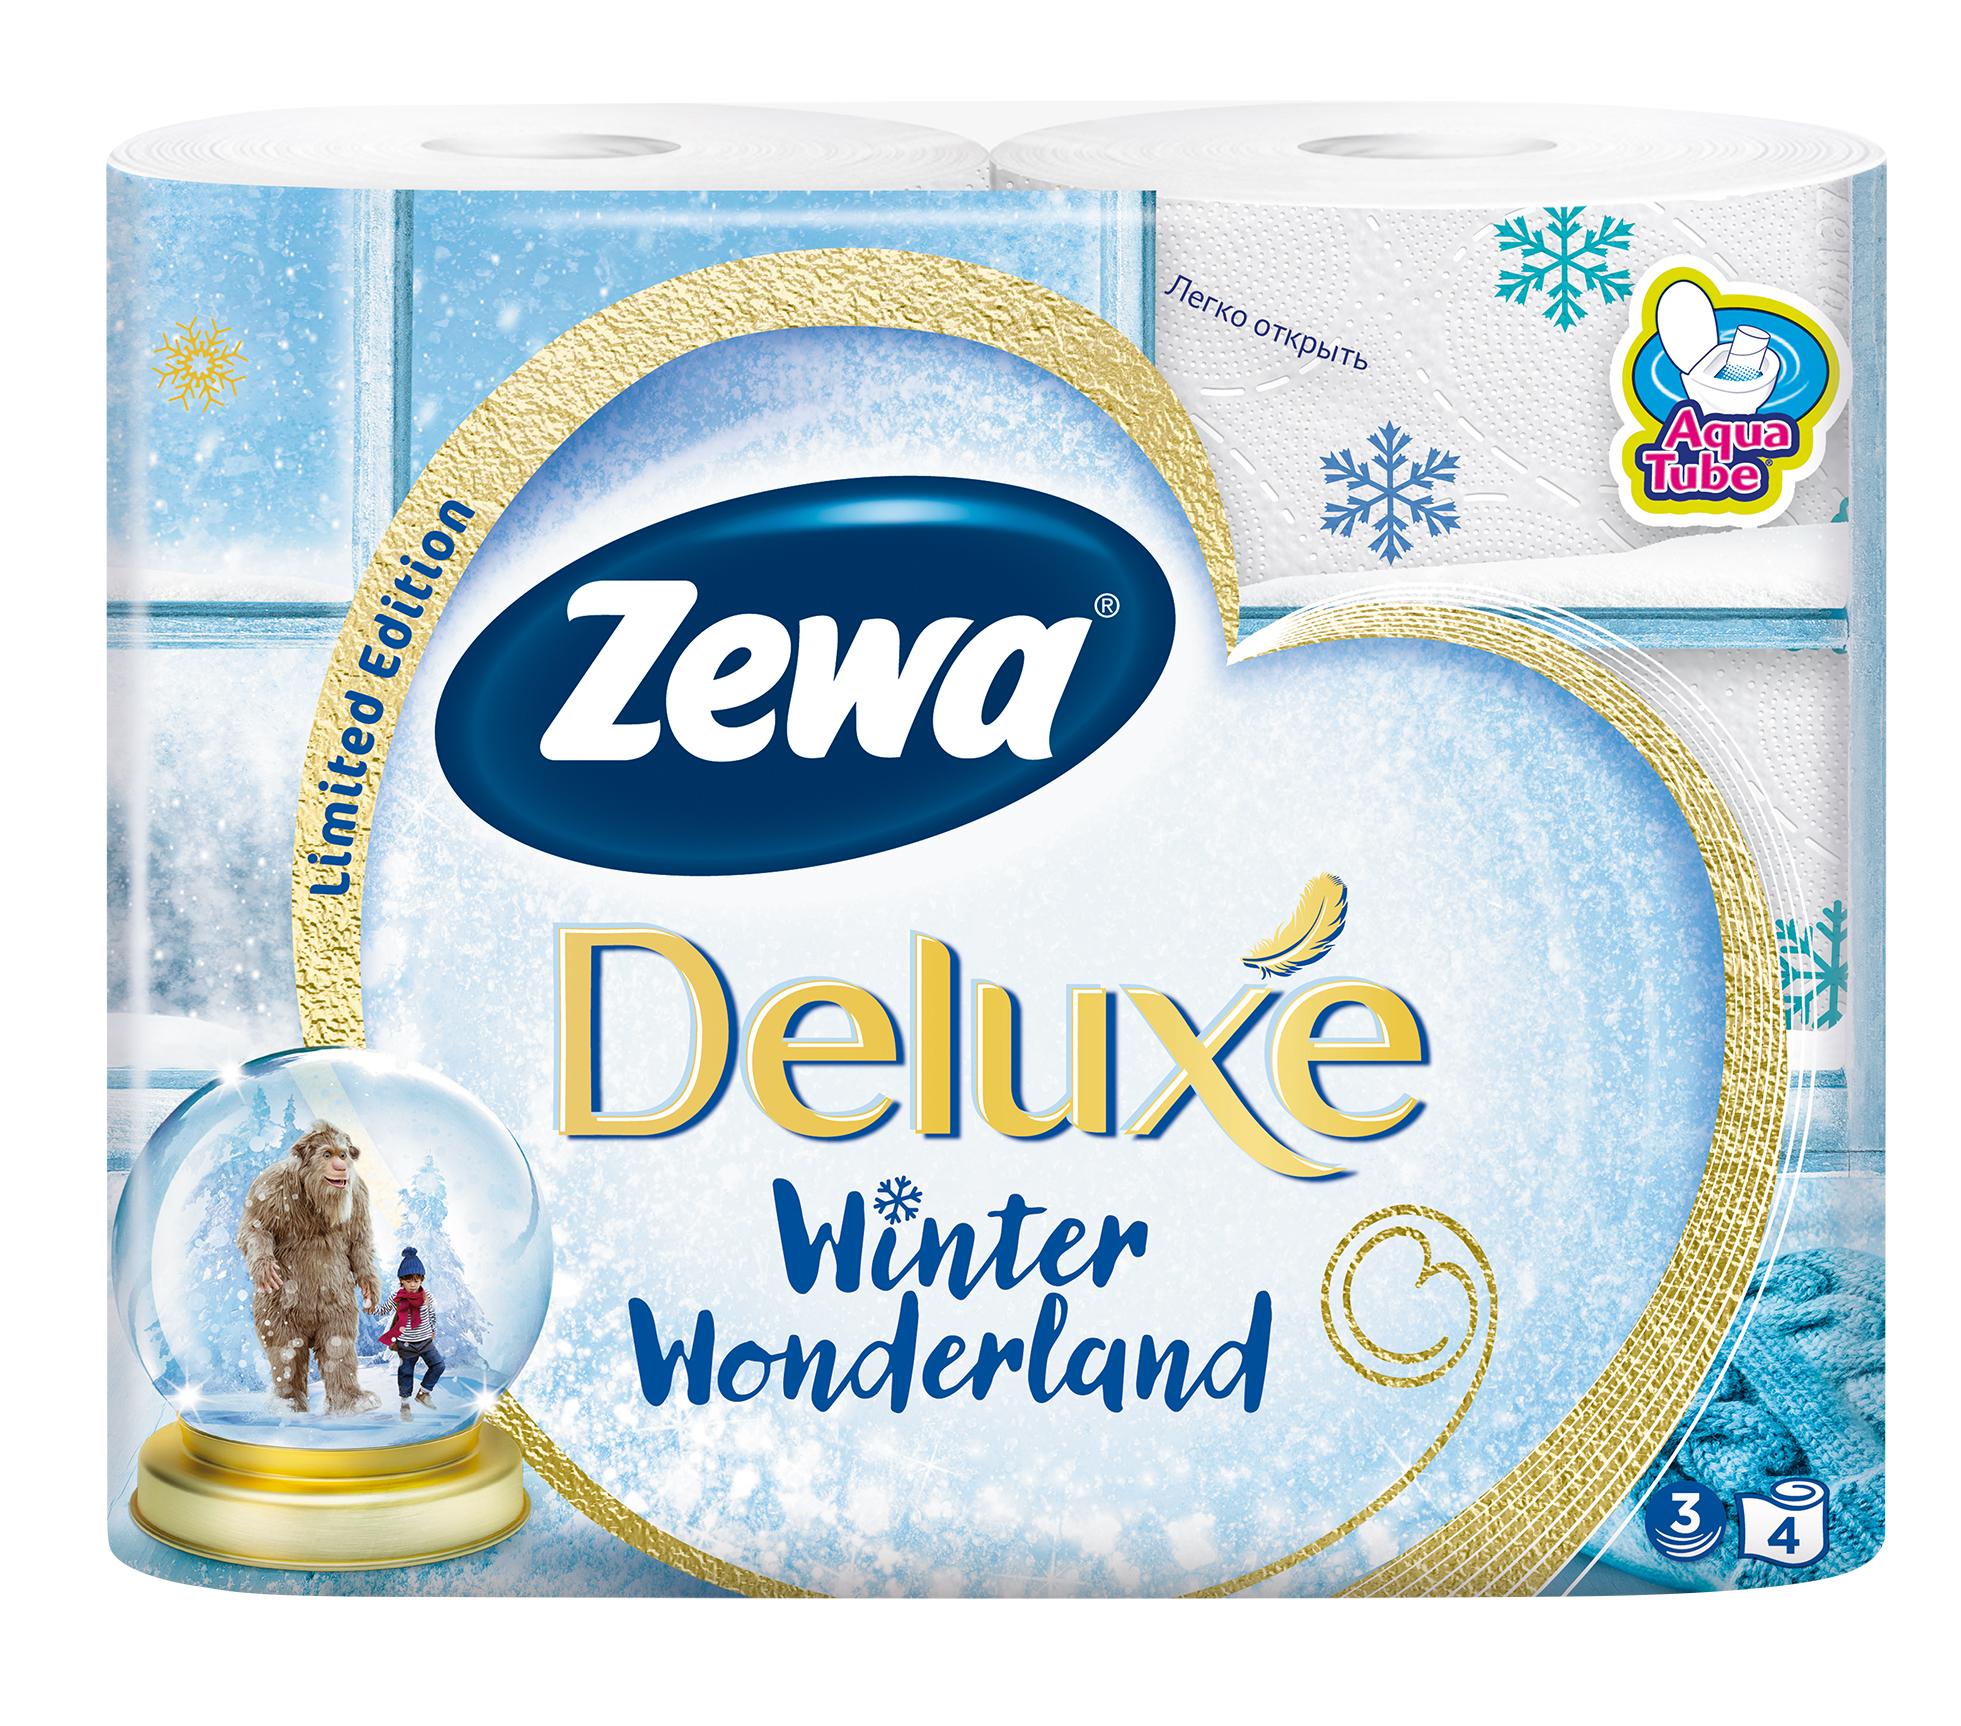 Туалетная бумага Zewa Deluxe. Winter Collection, трехслойная, цвет: белый, 4 рулона3228Трехслойная туалетная бумага Zewa Deluxe. Winter Collection изготовлена из целлюлозы высшего качества.Листы белого цвета оформлены тисненым рисунком в виде разноцветных снежинок. Мягкая, нежная, но в тоже время прочная, бумага не расслаивается и отрывается строго по линии перфорации. Рулоны оснащены смываемой втулкой. Бумага без аромата. Туалетная бумага имеет смываемую биоразлагаемую втулку. Материал: 100% целлюлоза.Количество листов (в одном рулоне): 150 шт.Количество слоев: 3.Размер листа: 9,5 см х 13,8 см.Длина рулона: 20,7 м.